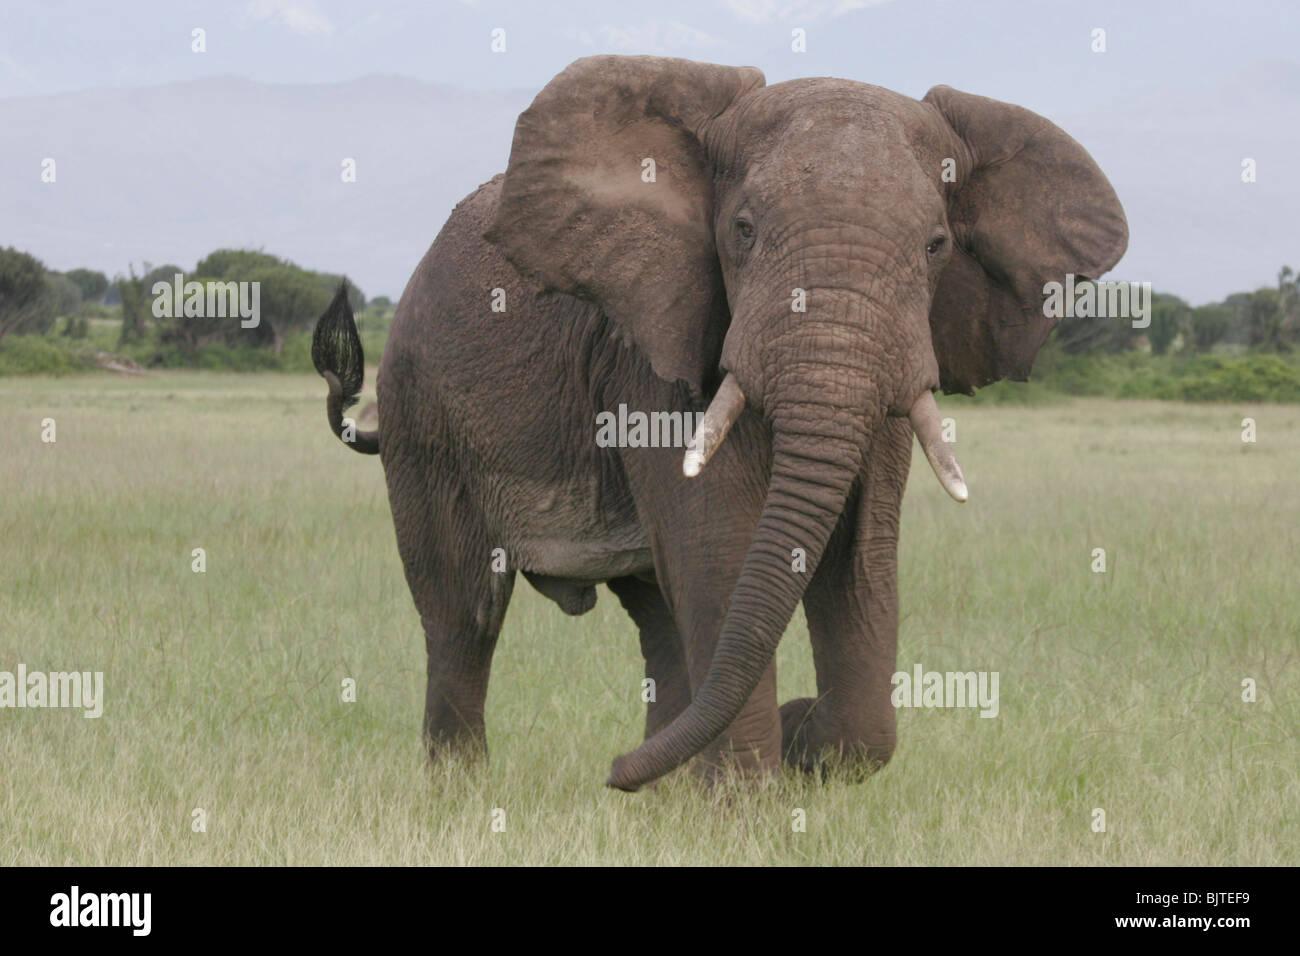 Elefante con las montañas Rwenzori en el fondo. El Parque Nacional Queen Elizabeth. Uganda. África. Imagen De Stock